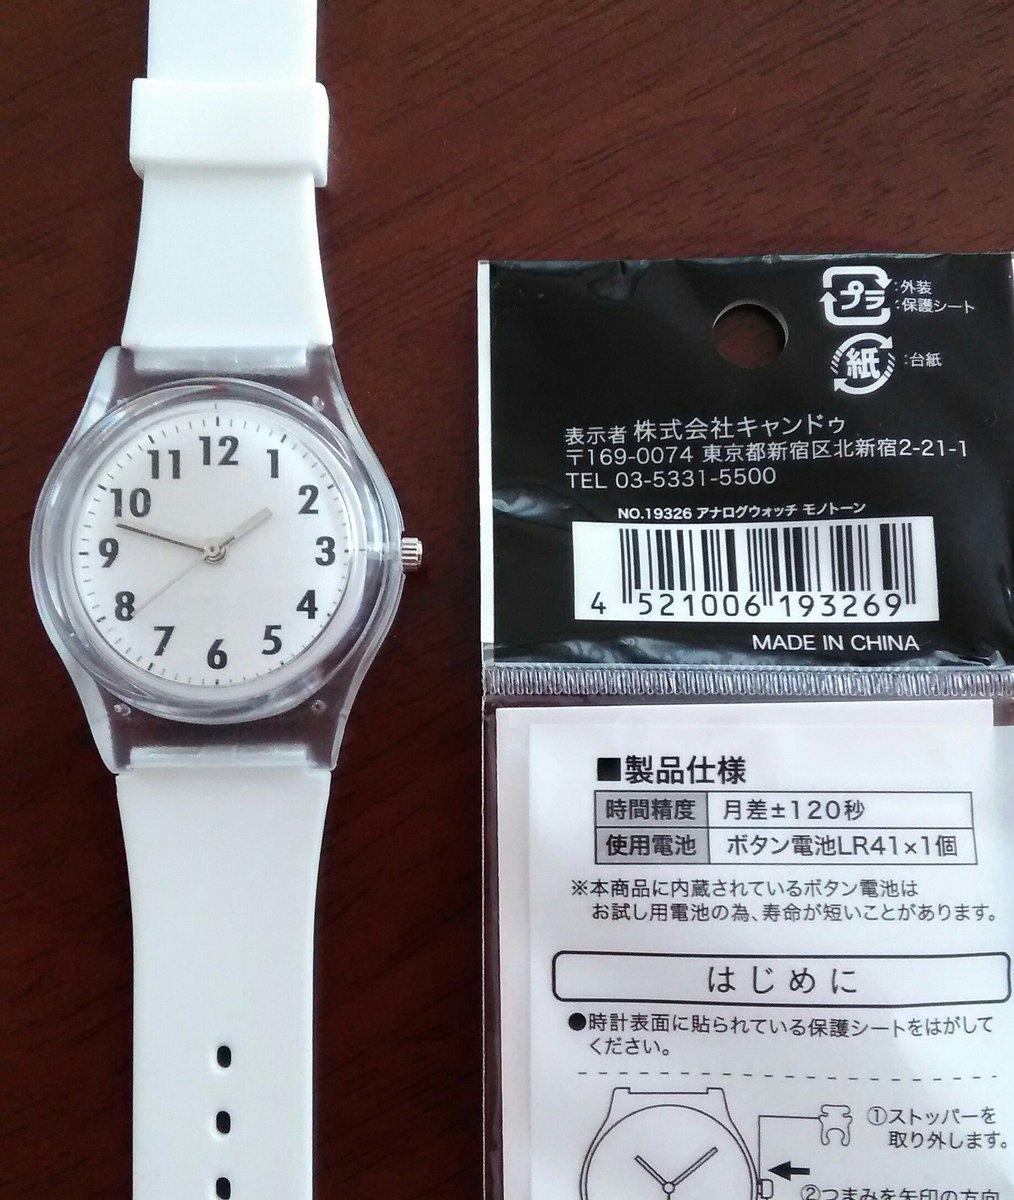 test ツイッターメディア - キャンドゥでアナログの腕時計を購入♪小学生の娘に持たせるため。今のところ正確に動いてる!無くしたり壊れても後悔はない(笑)108円でこのクオリティはスゴイ(・∀・)#キャンドゥ #100均 #腕時計 #アナログ https://t.co/I2lJnKpbdf